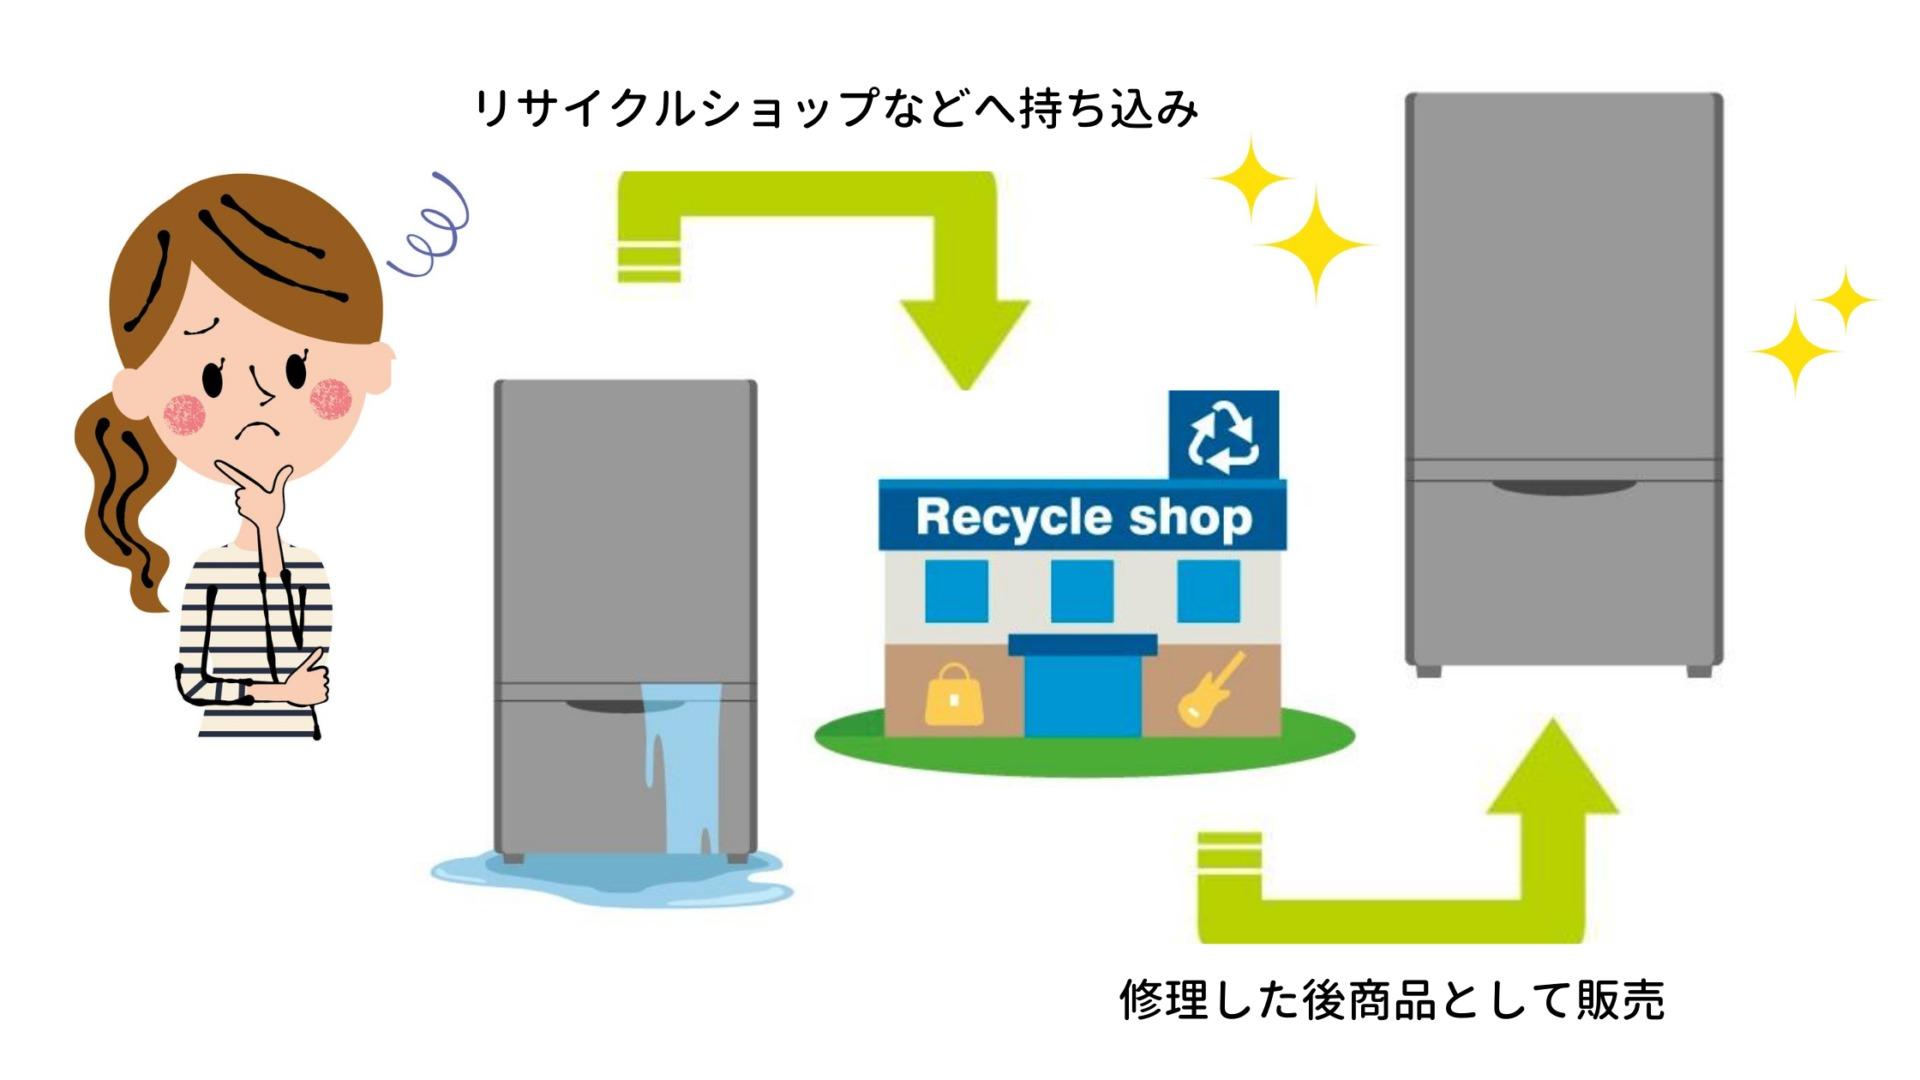 リサイクルショップへ持ち込む